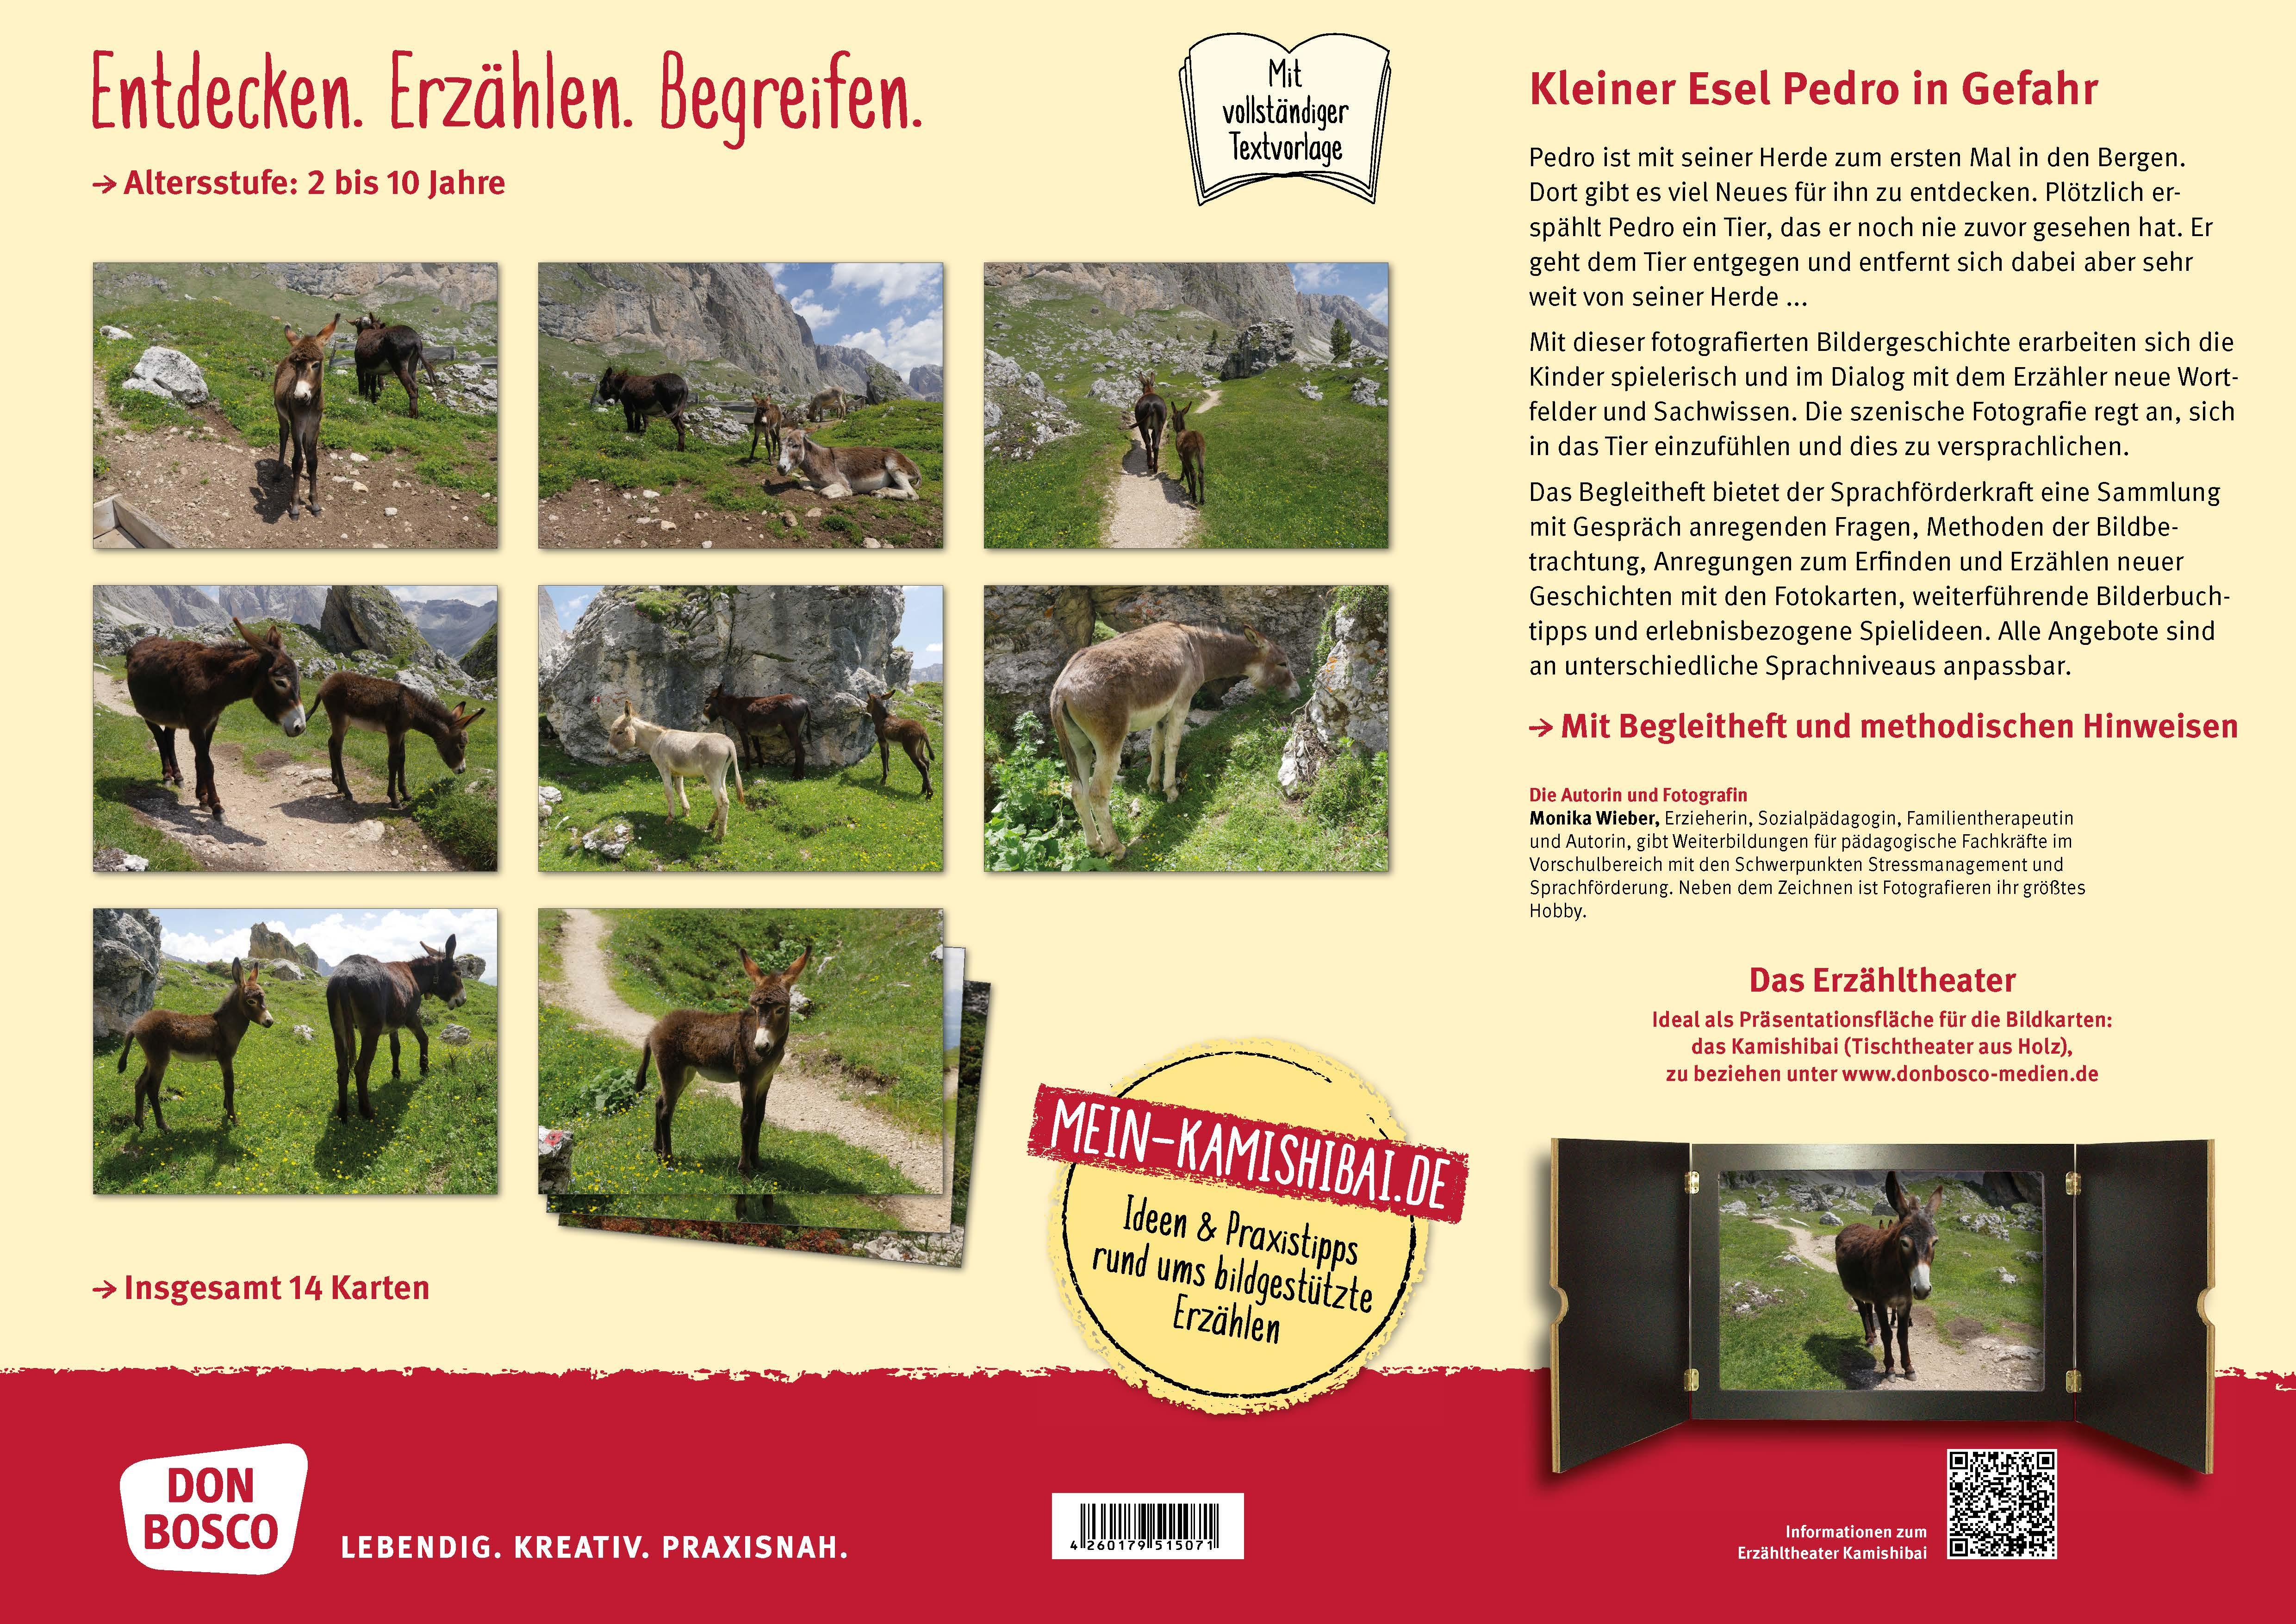 Innenansicht zu Kleiner Esel Pedro in Gefahr. Kamishibai Bildkartenset.